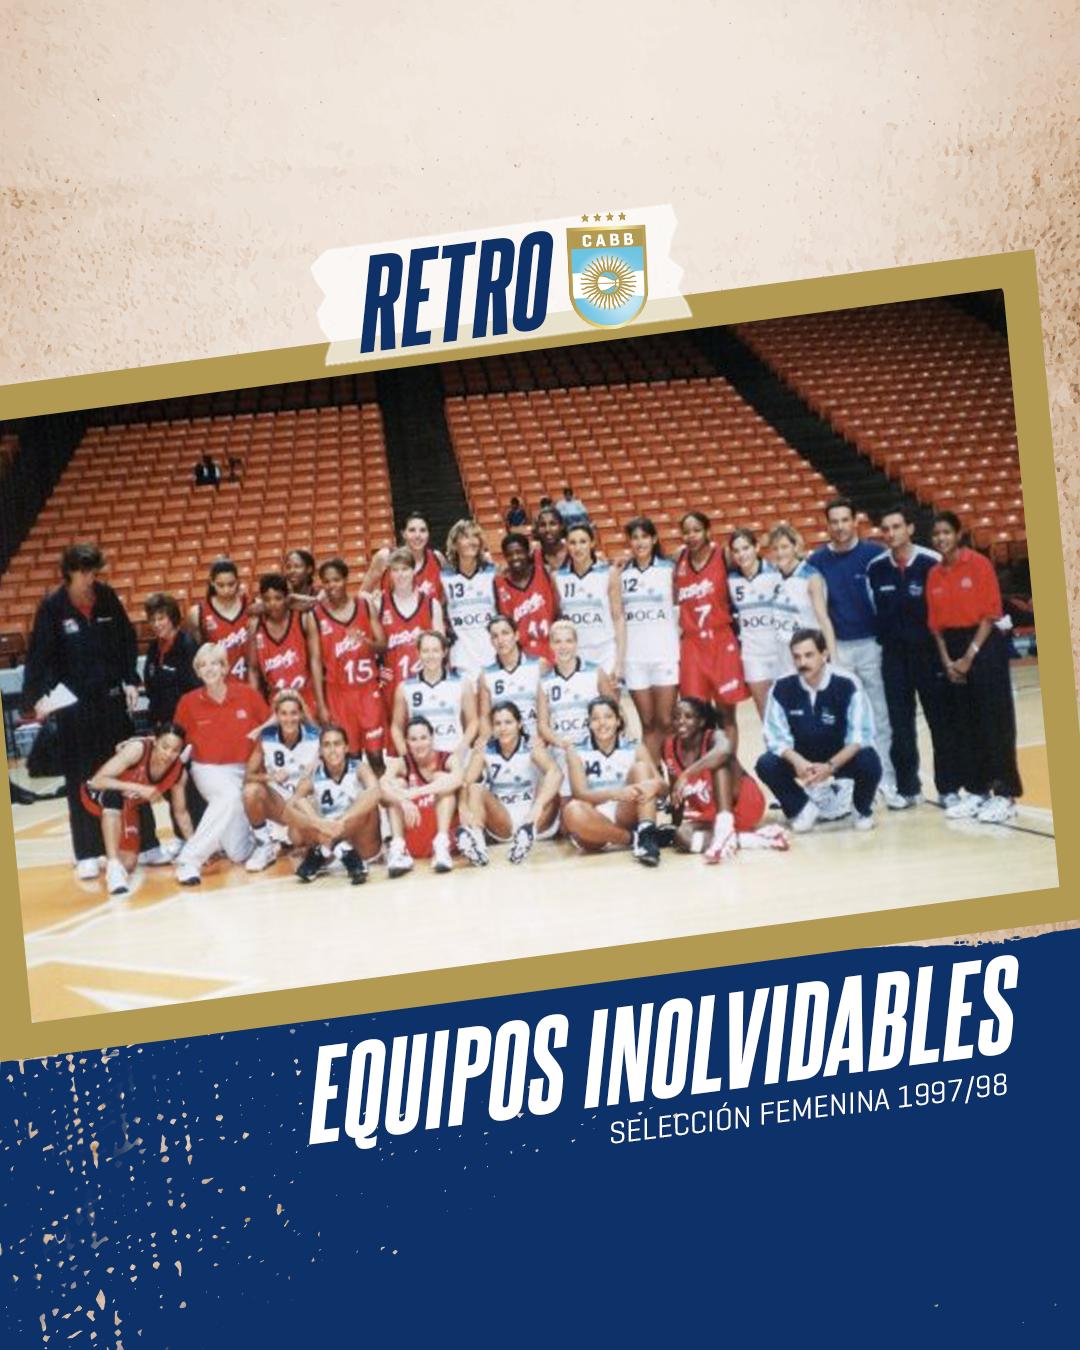 Equipos inolvidables: la Selección femenina 97/98 y el ascenso a la elite